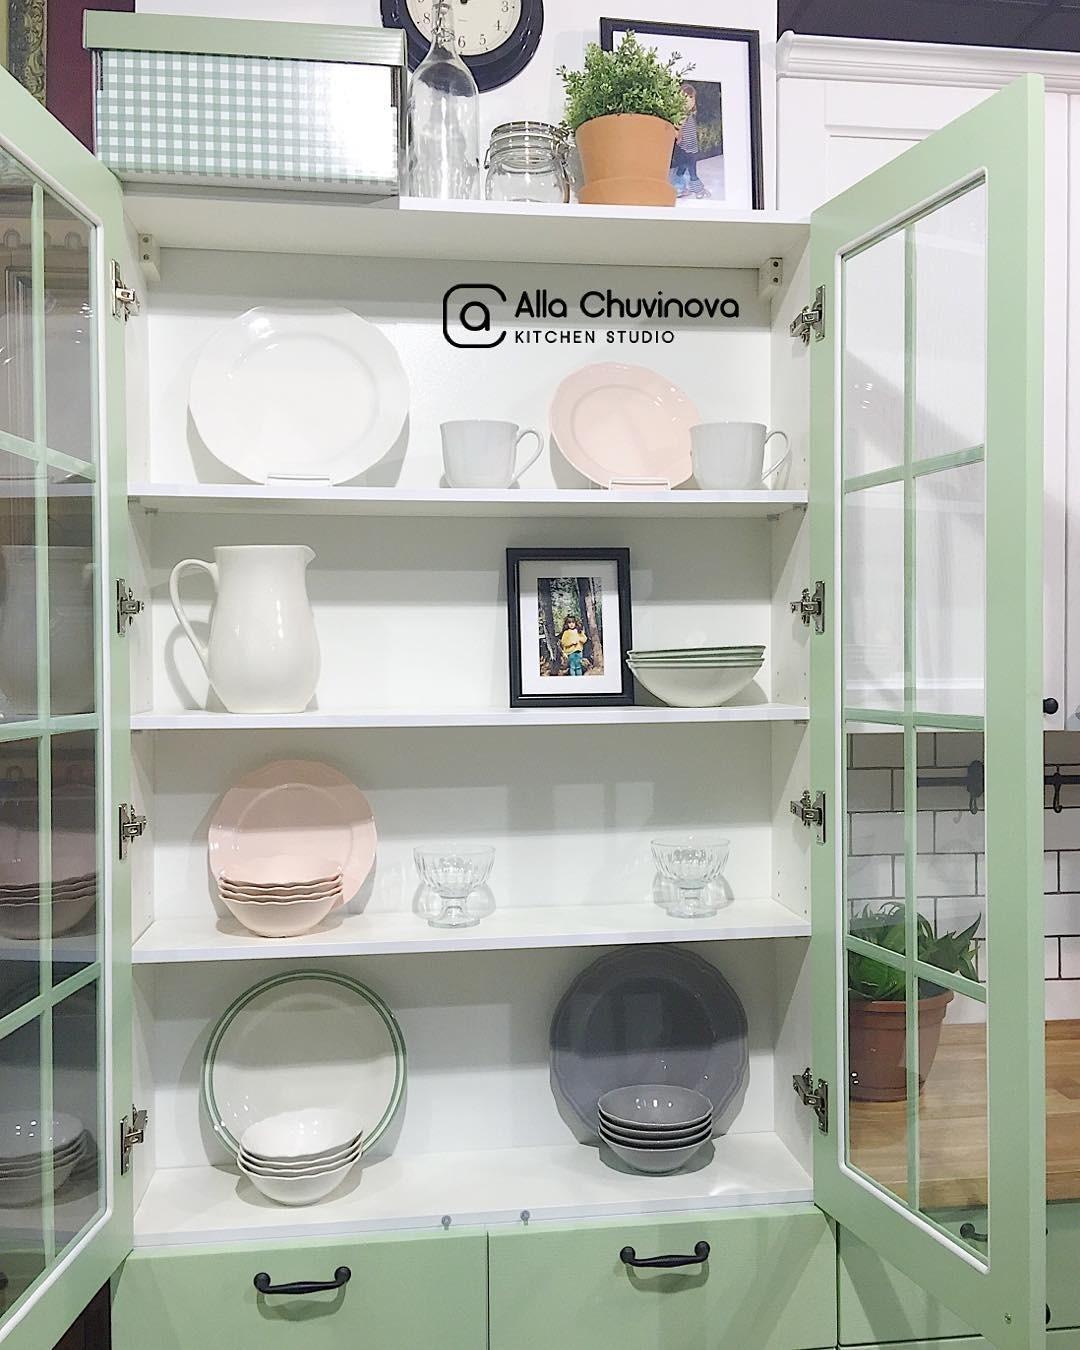 Если вы будете постоянно эксплуатировать шкаф с такими каркасами - например, сделаете их для серванта с не тяжелой посудой, то можно и сэкономить